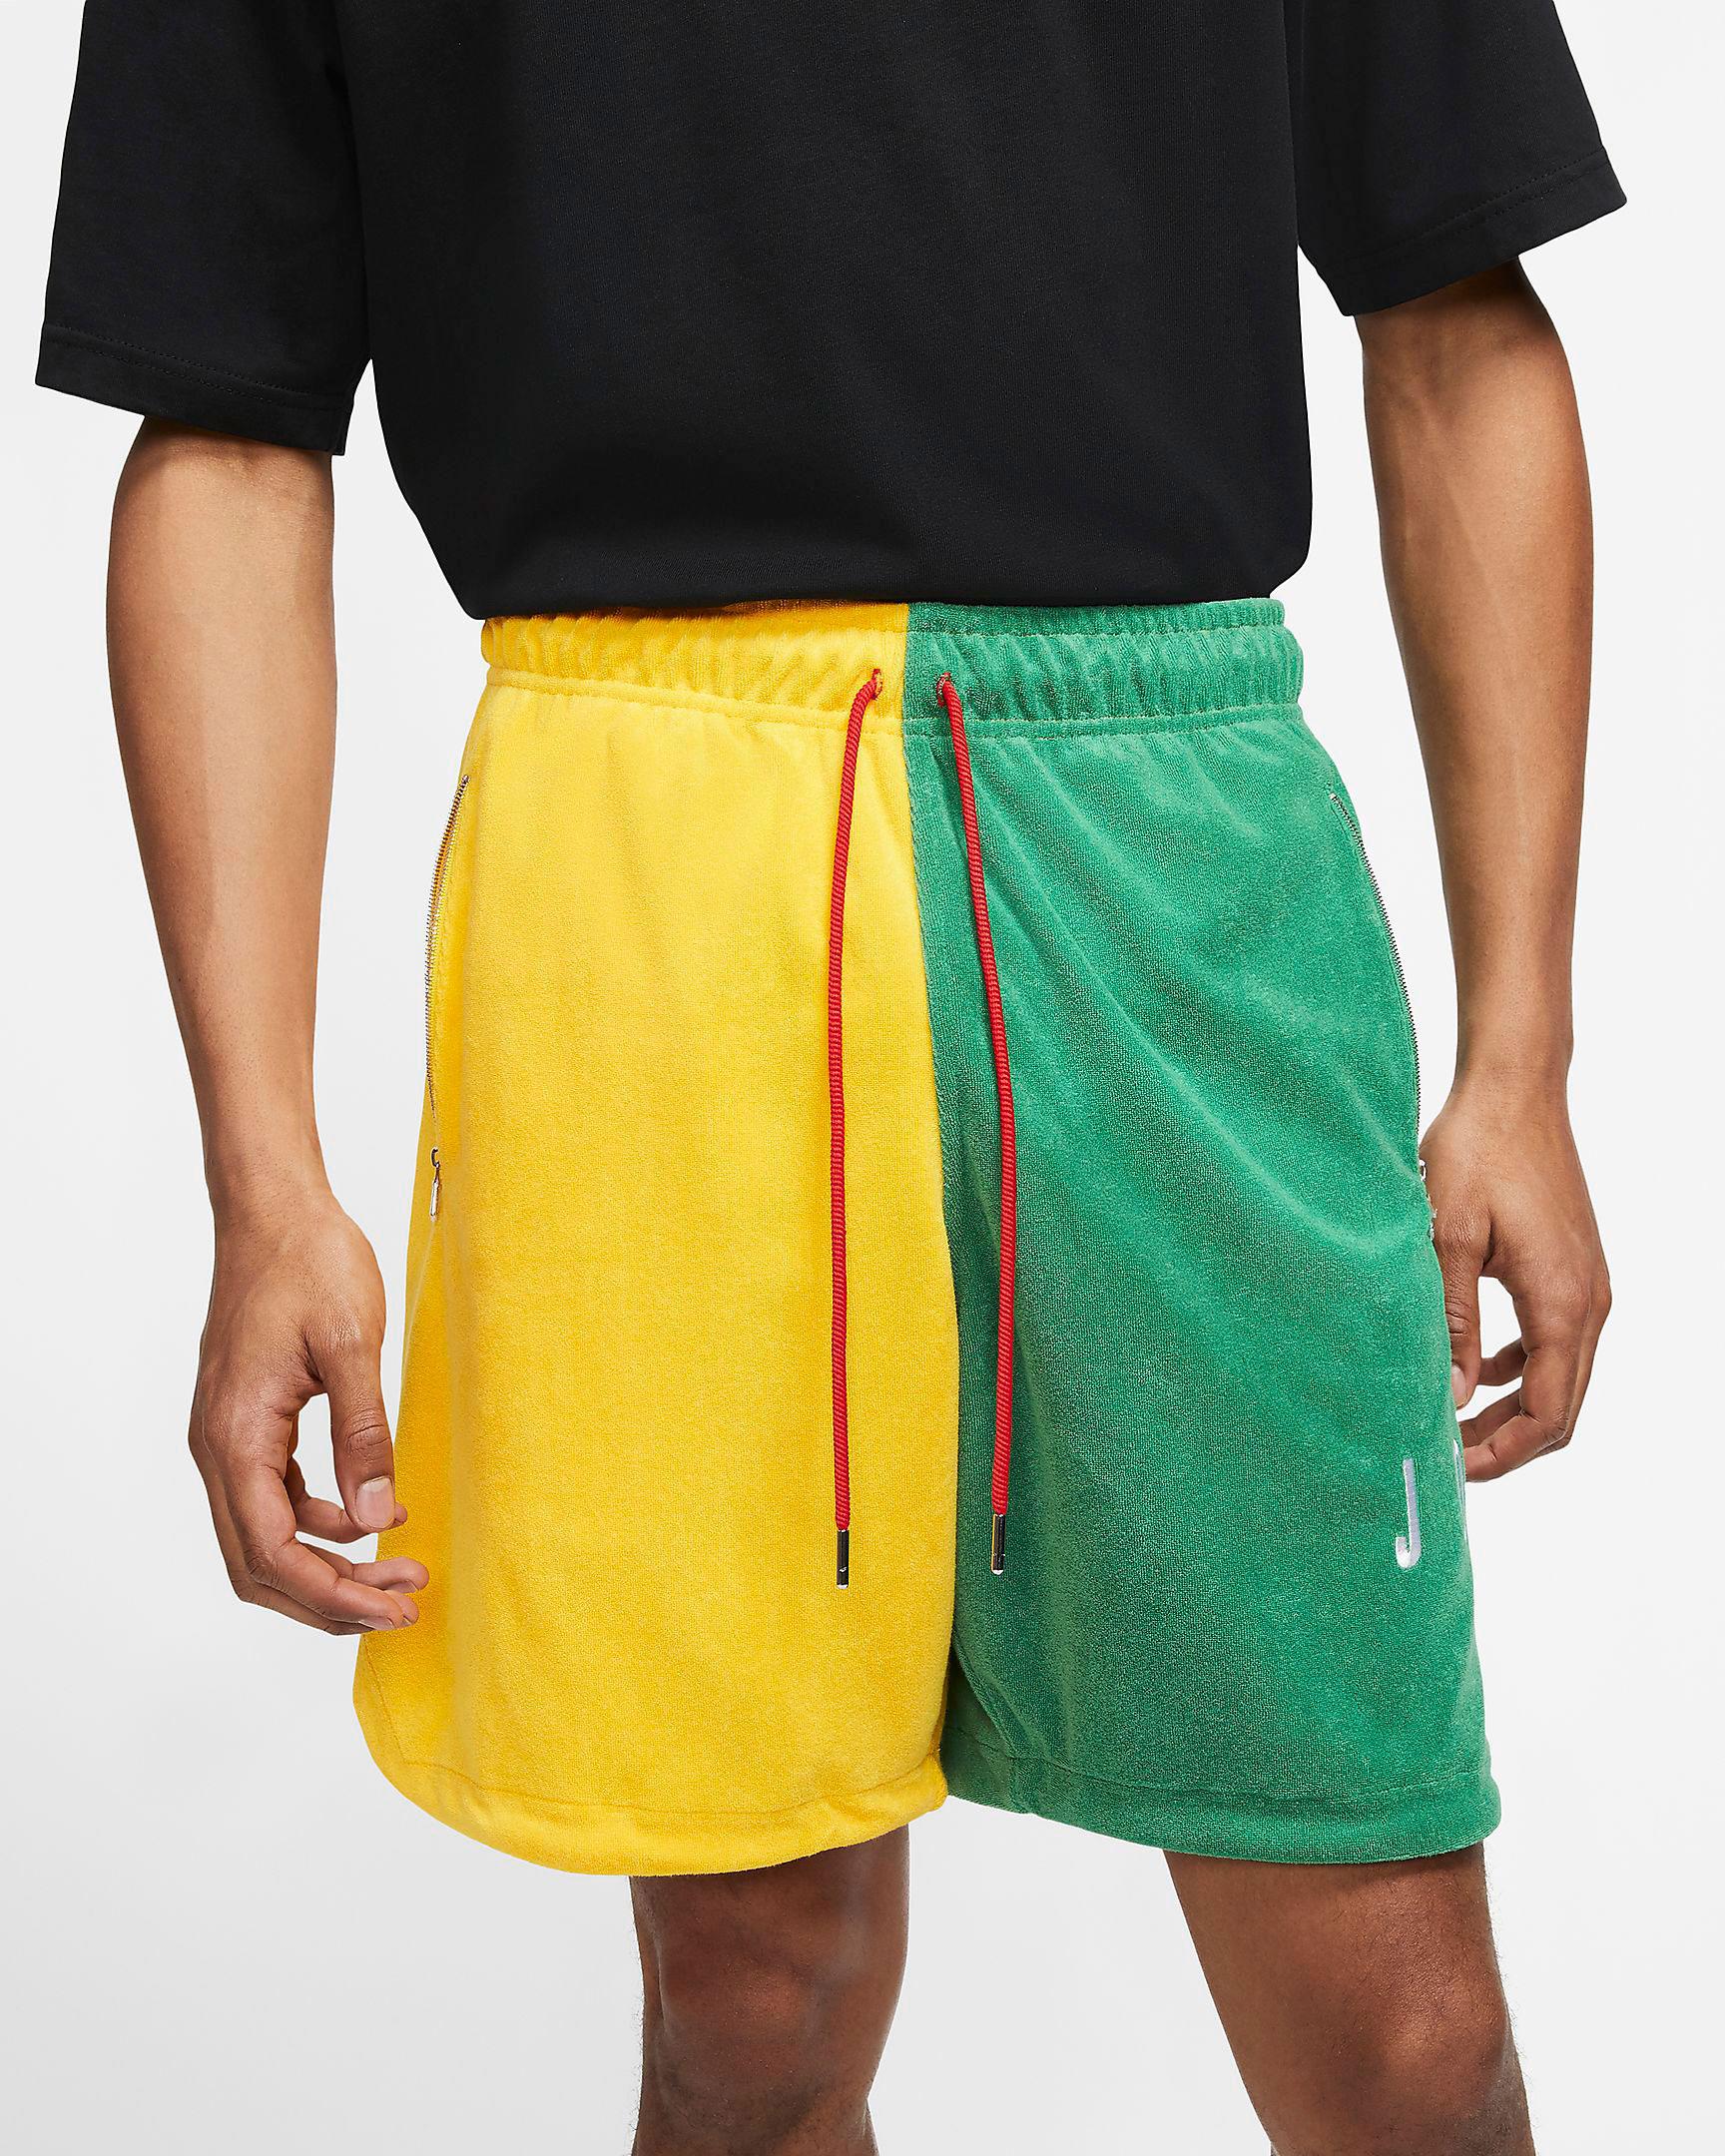 jordan-13-lucky-green-shorts-match-1